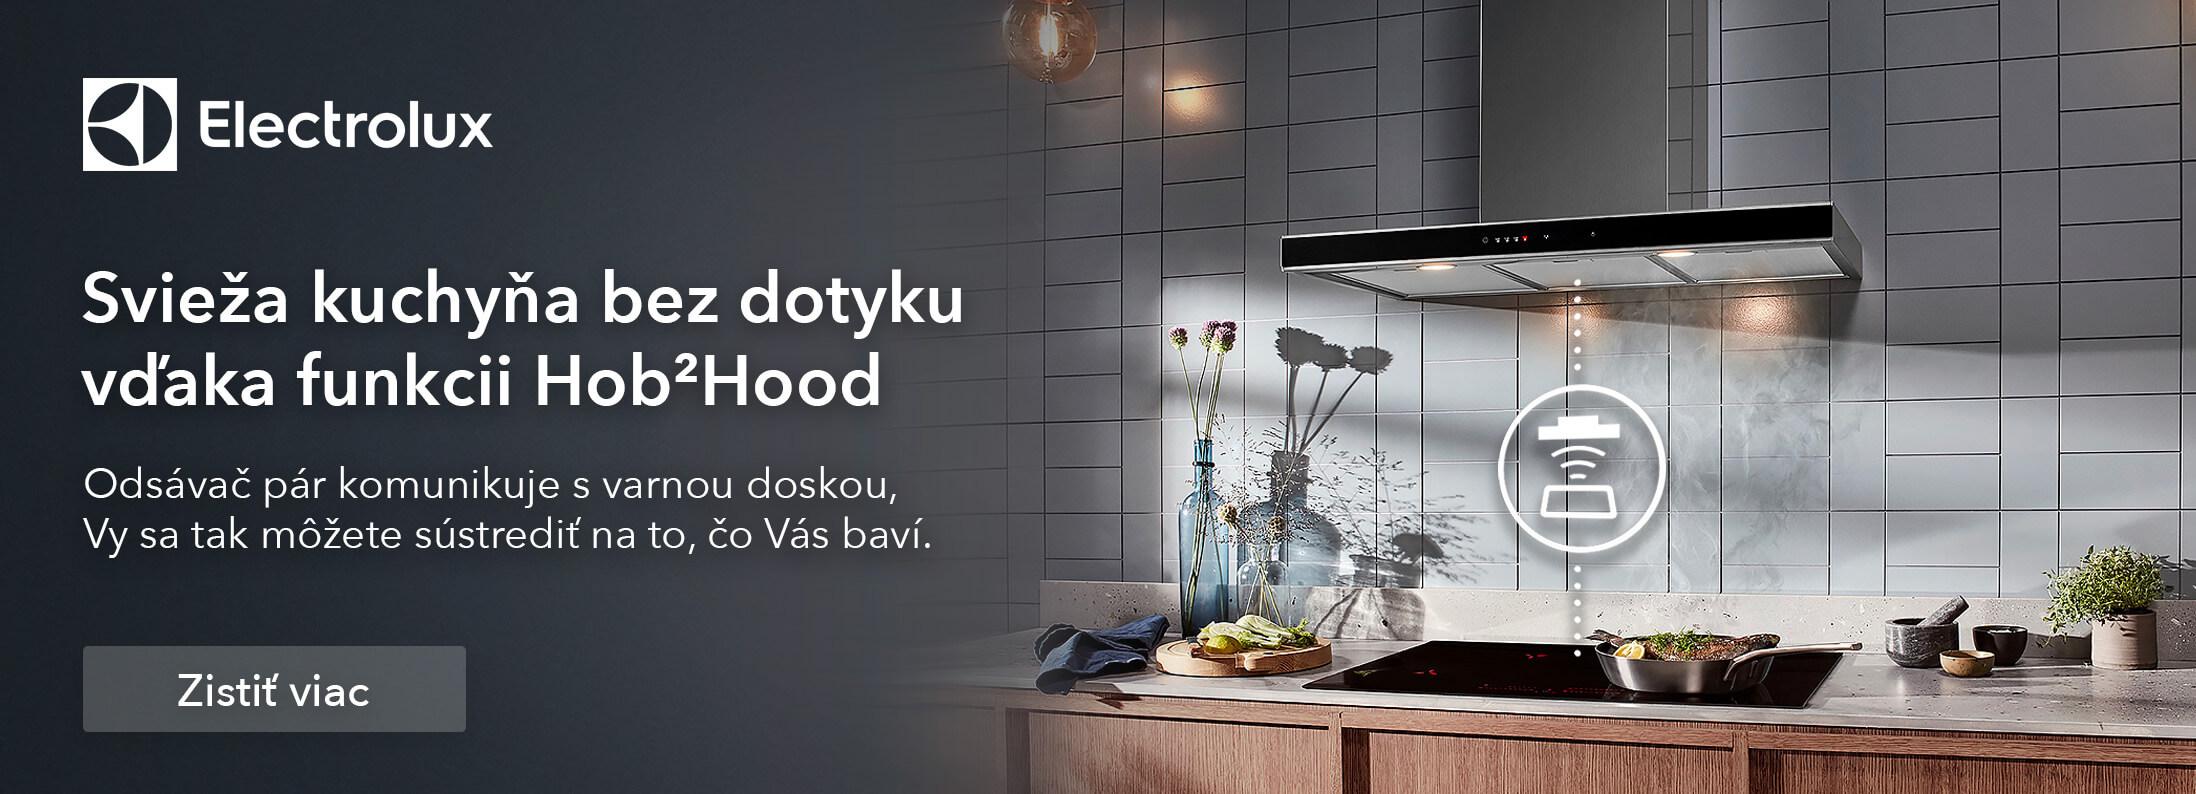 Electrolux - Odsávače par Hob2Hood